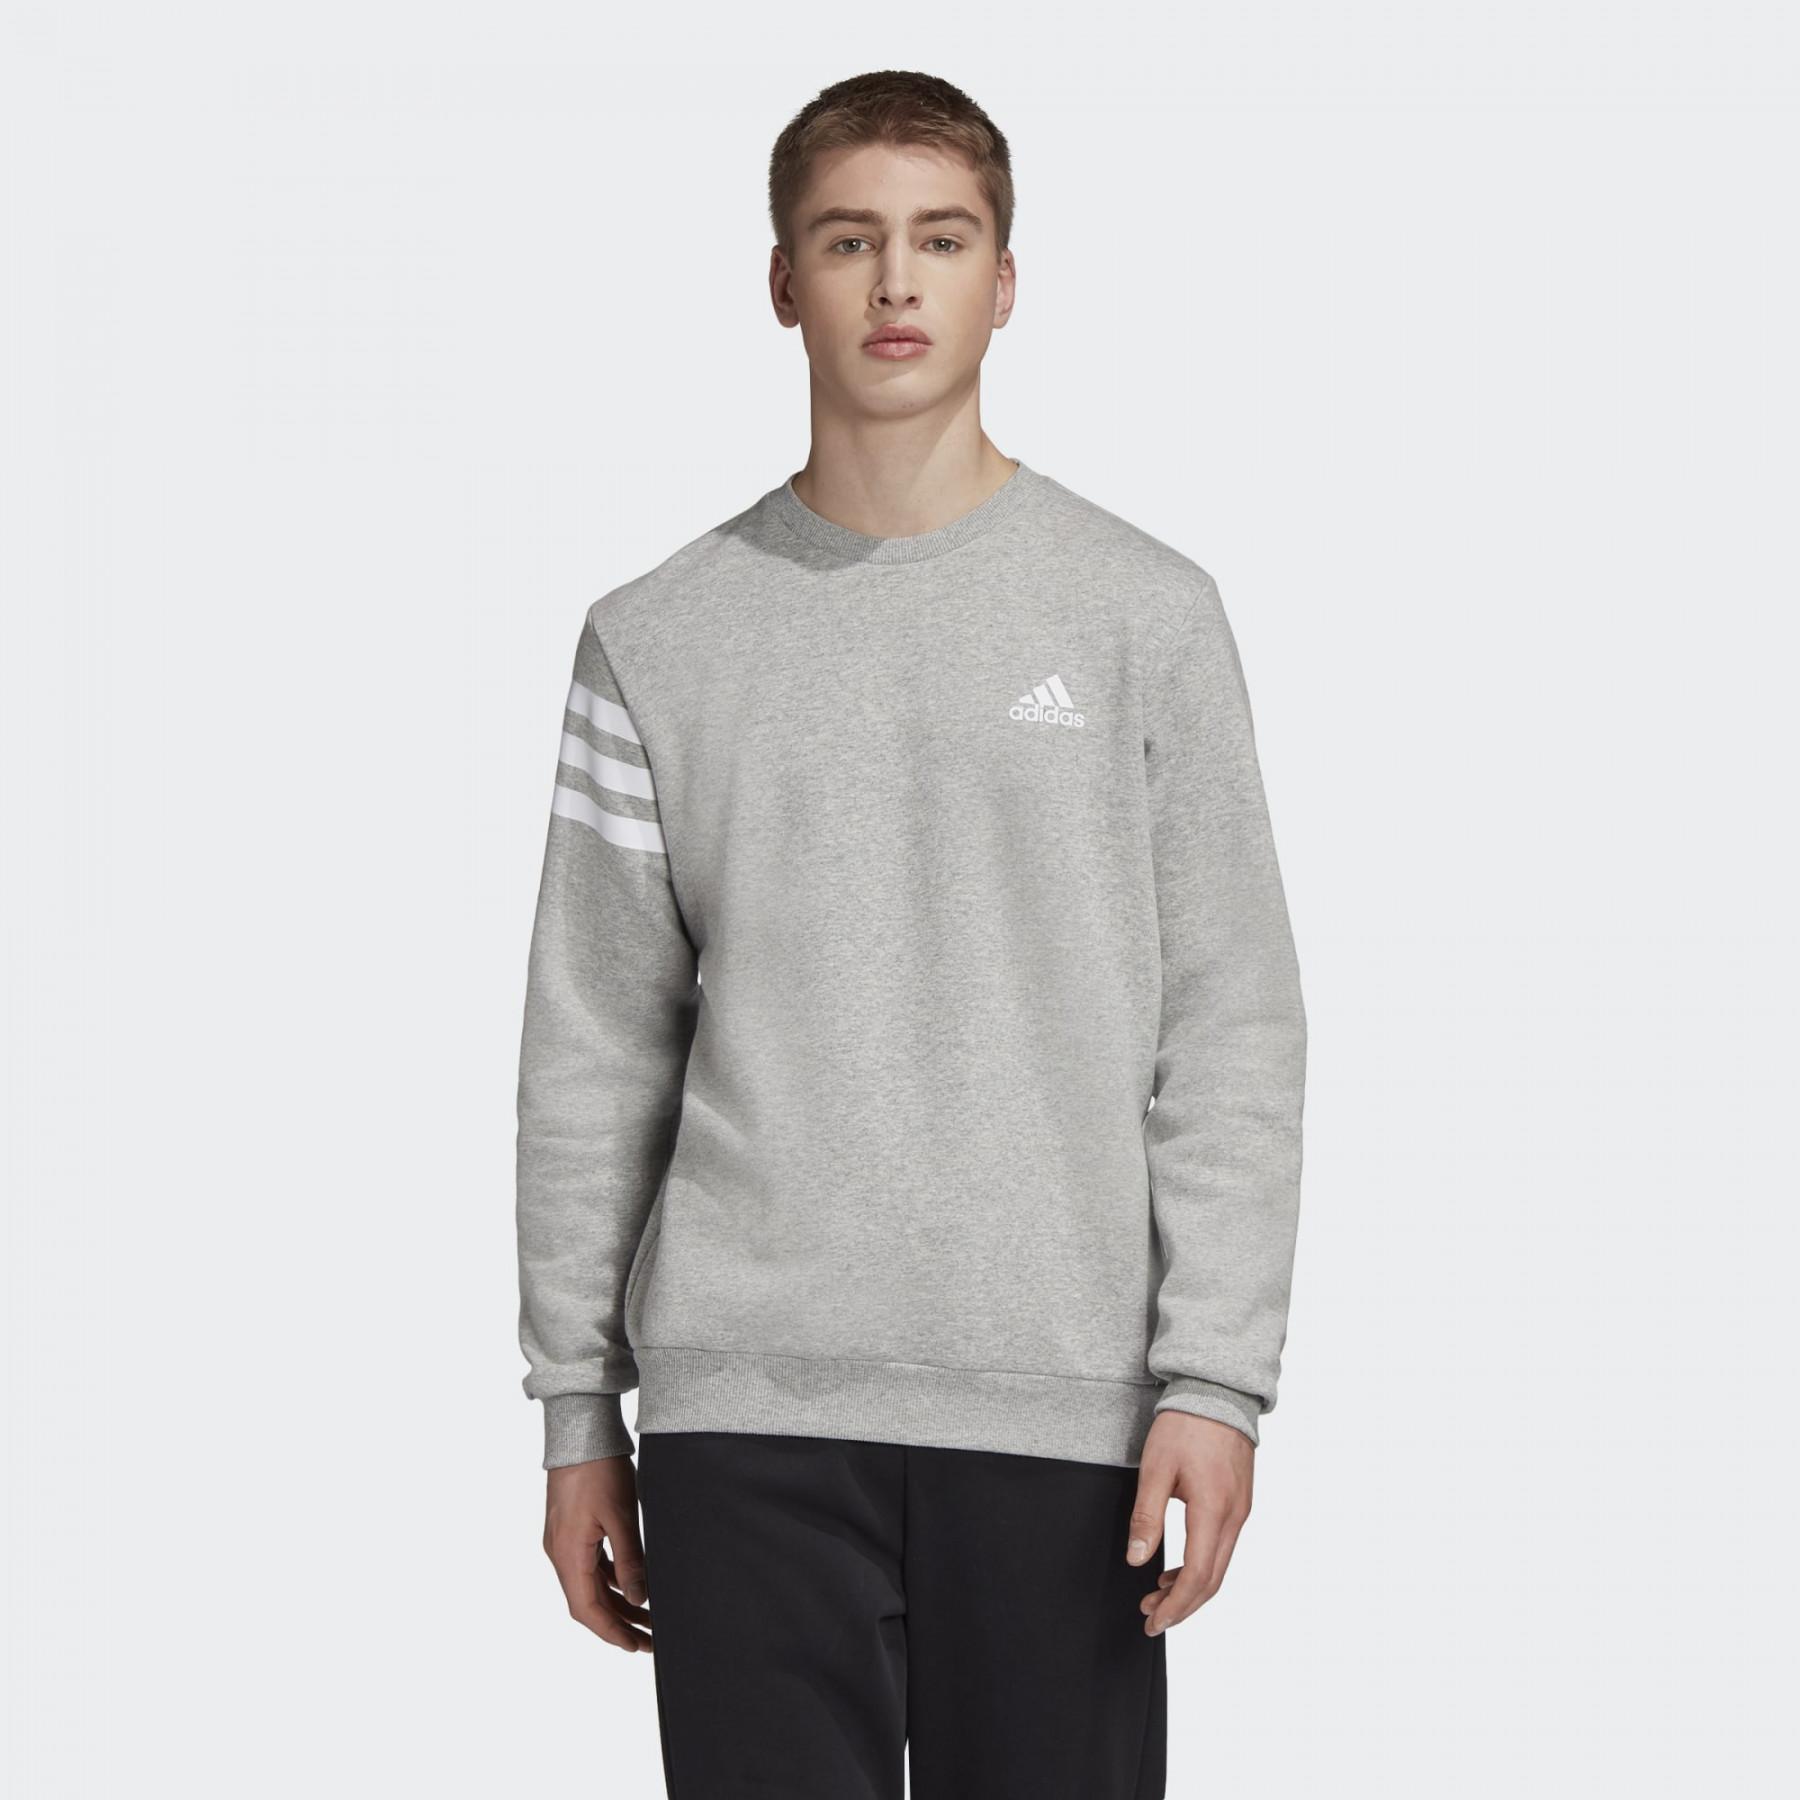 Round Neck Sweatshirt Adidas HB Spezial